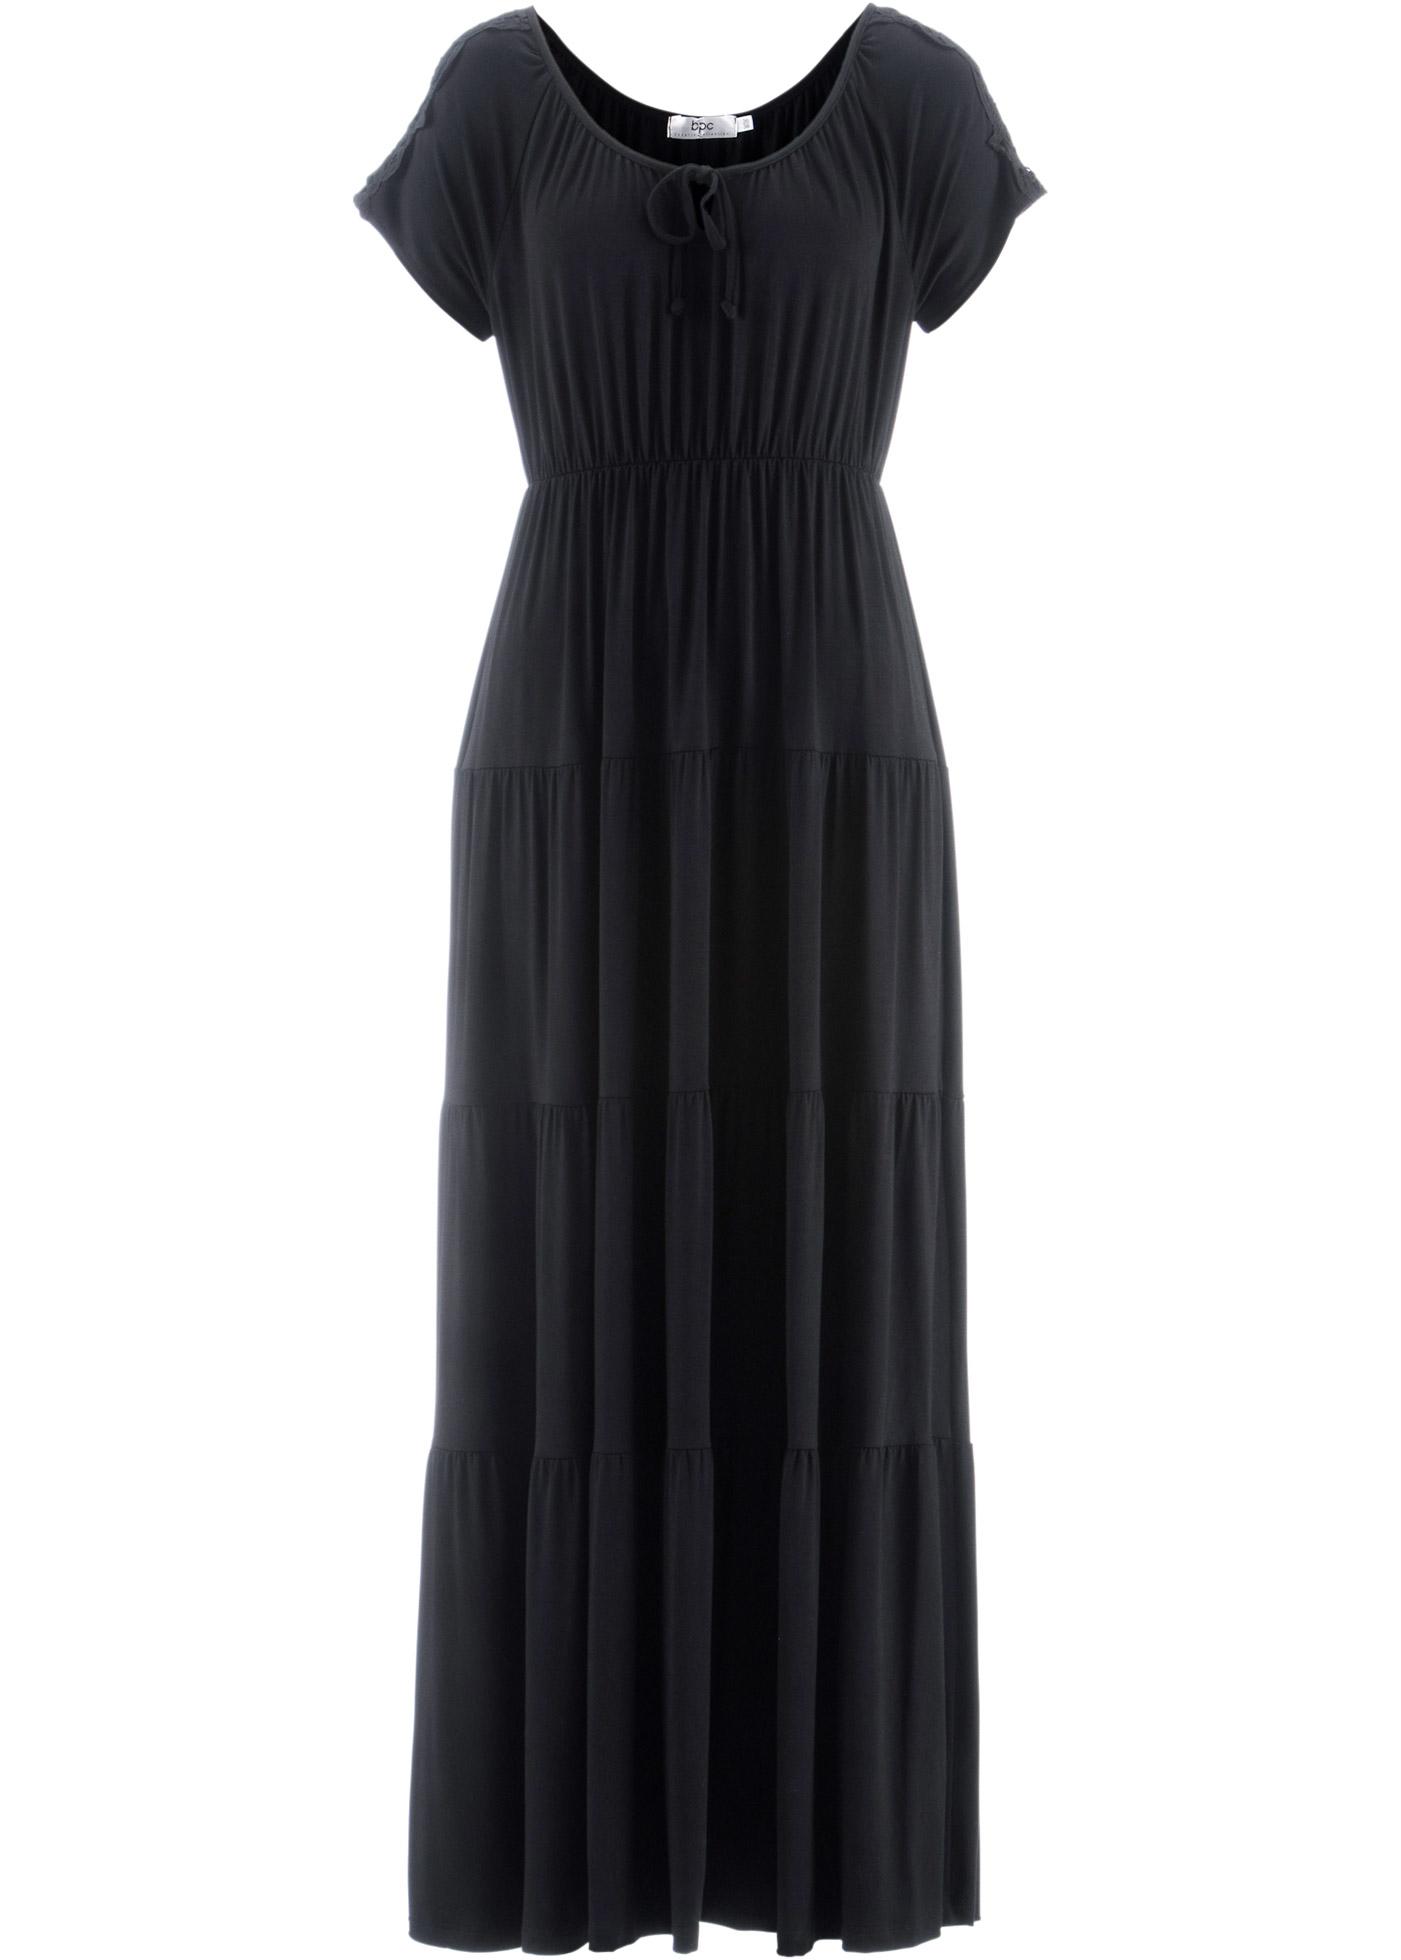 bpc damen feminines kleid mit spitzendetails in schwarz. Black Bedroom Furniture Sets. Home Design Ideas